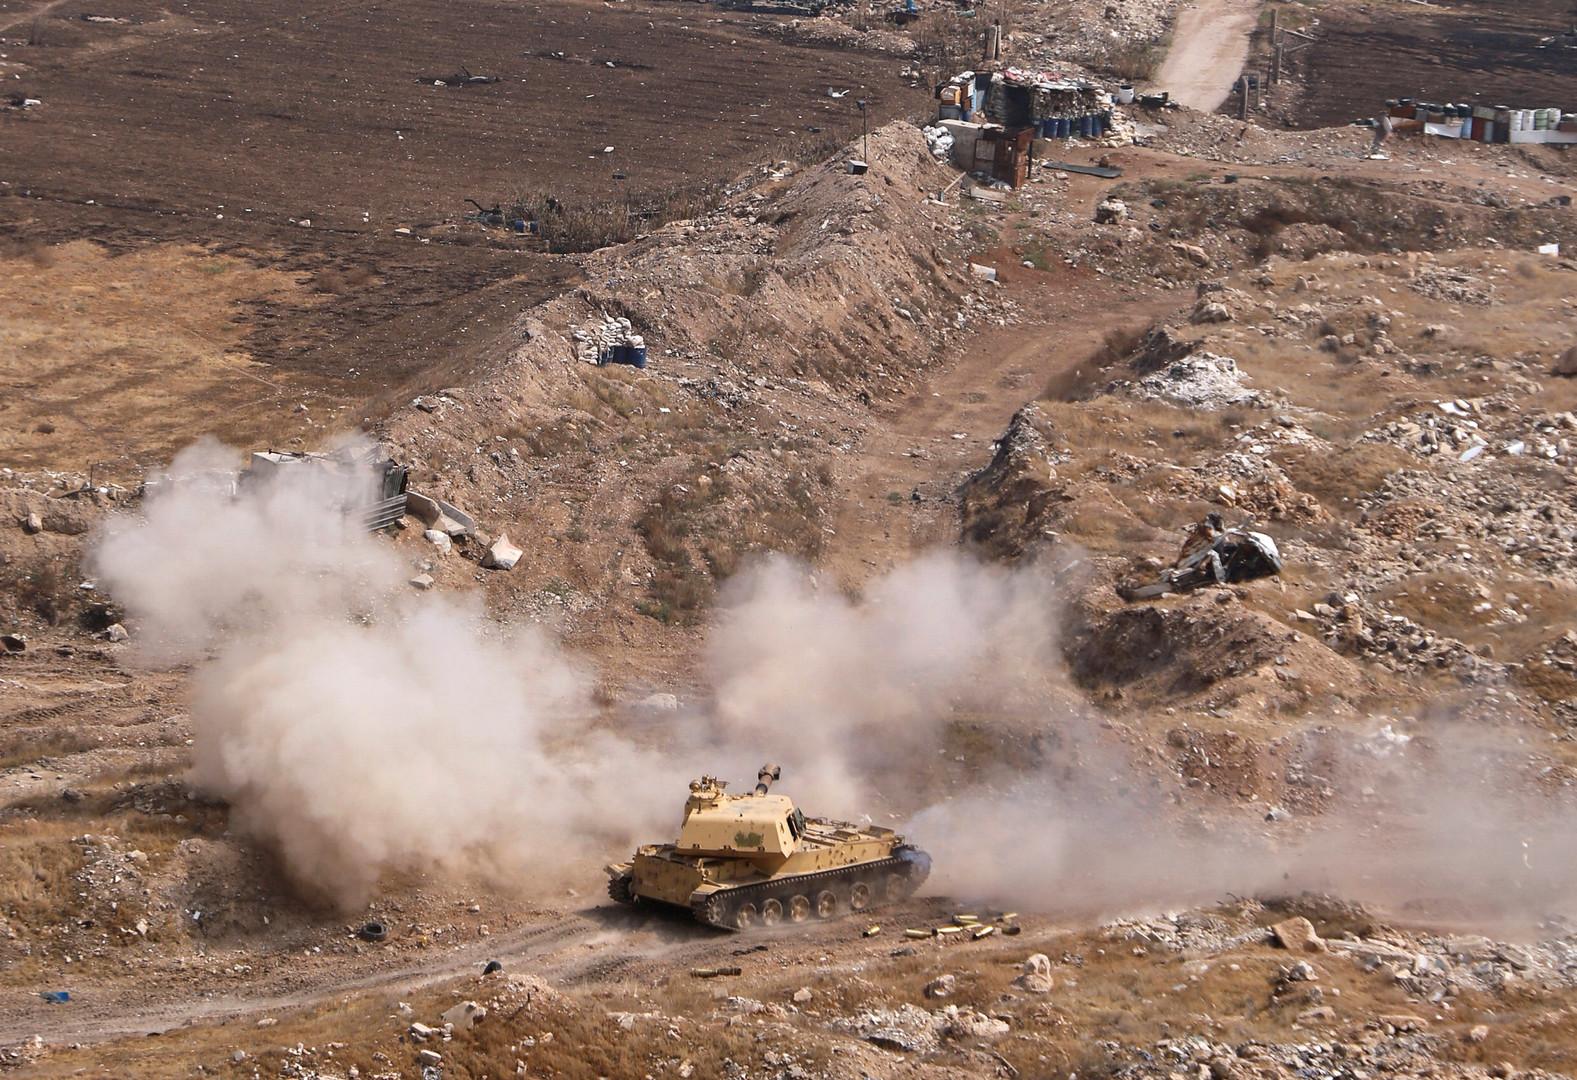 الجيش السوري يحرر مدينة وبلدتين بريف حماة من مسلحي النصرة